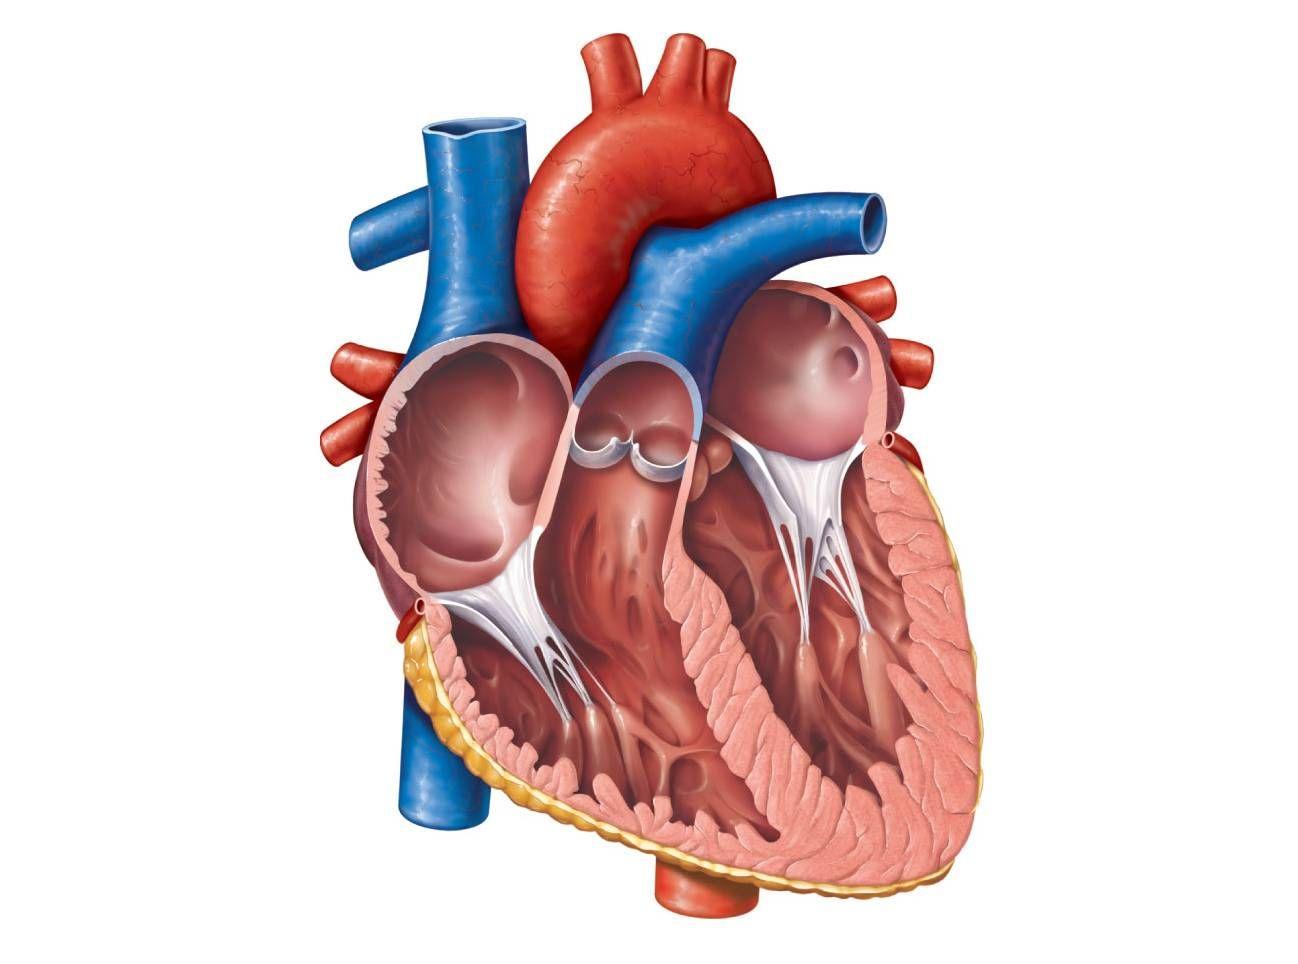 Worksheet The Human Heart Anatomy And Circulation Worksheet Carlos